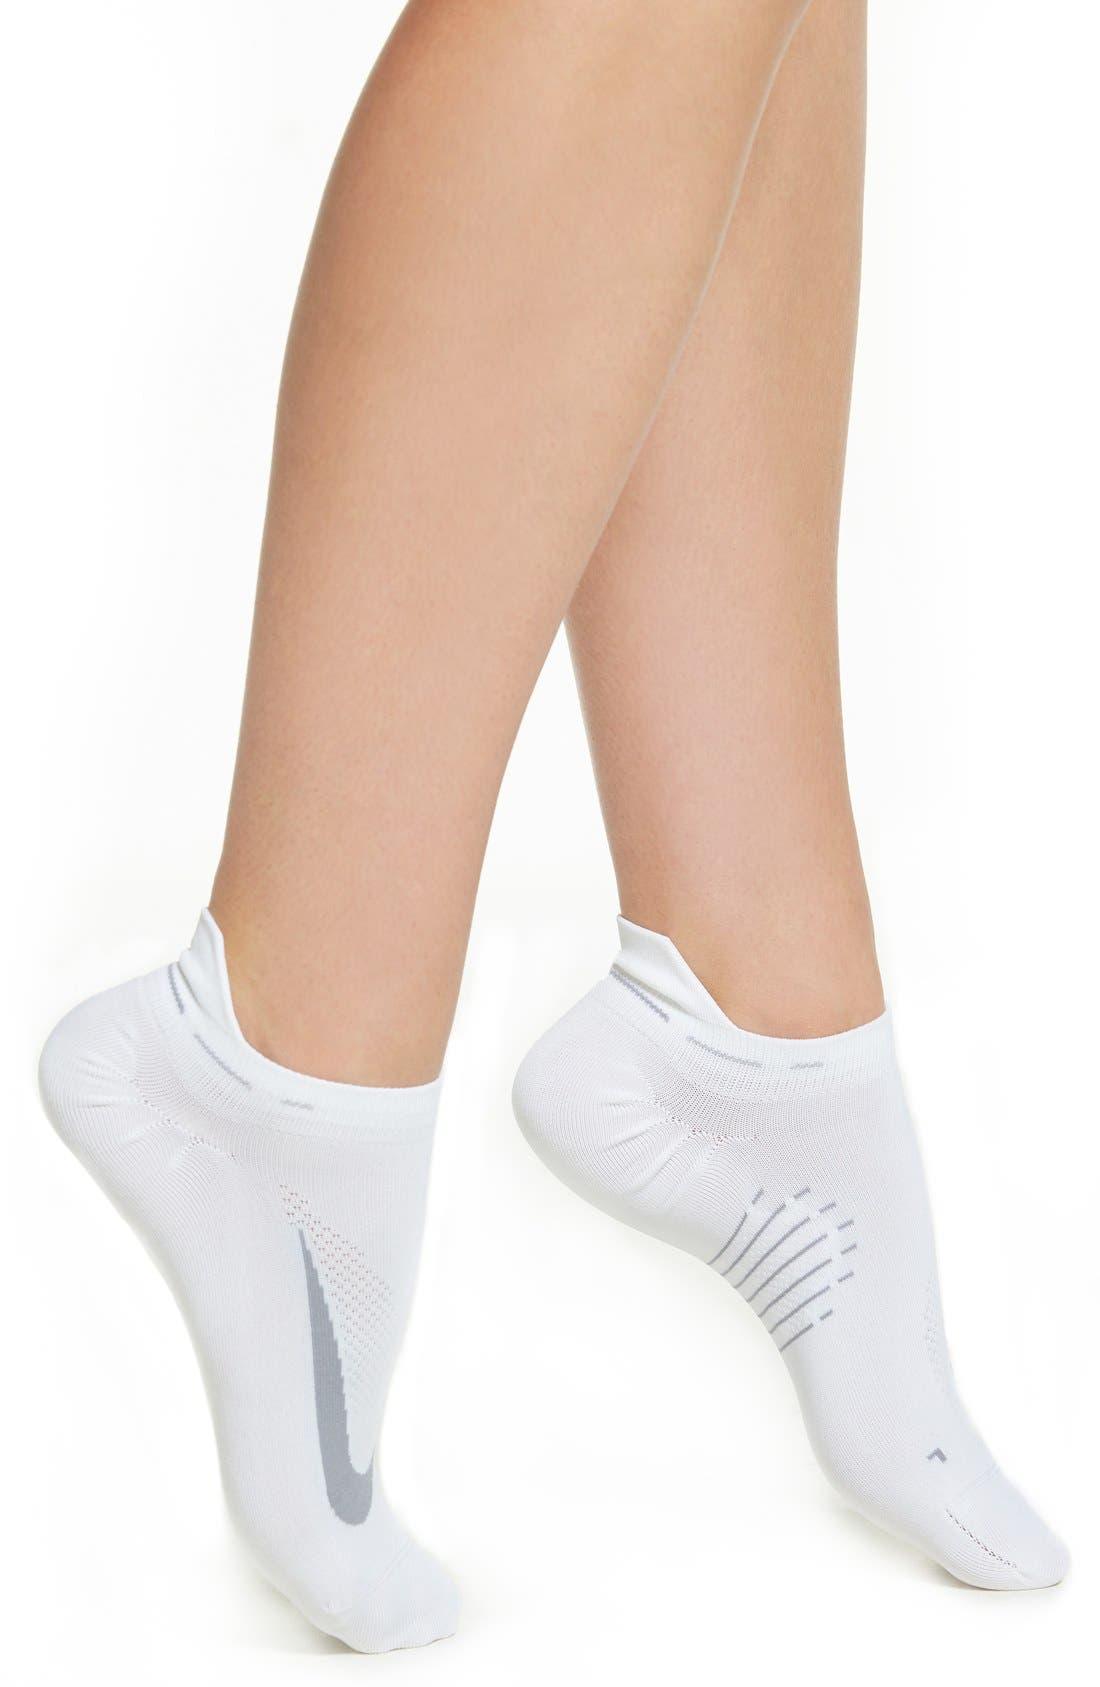 Alternate Image 1 Selected - Nike 'Elite' No-Show Running Socks (Women)